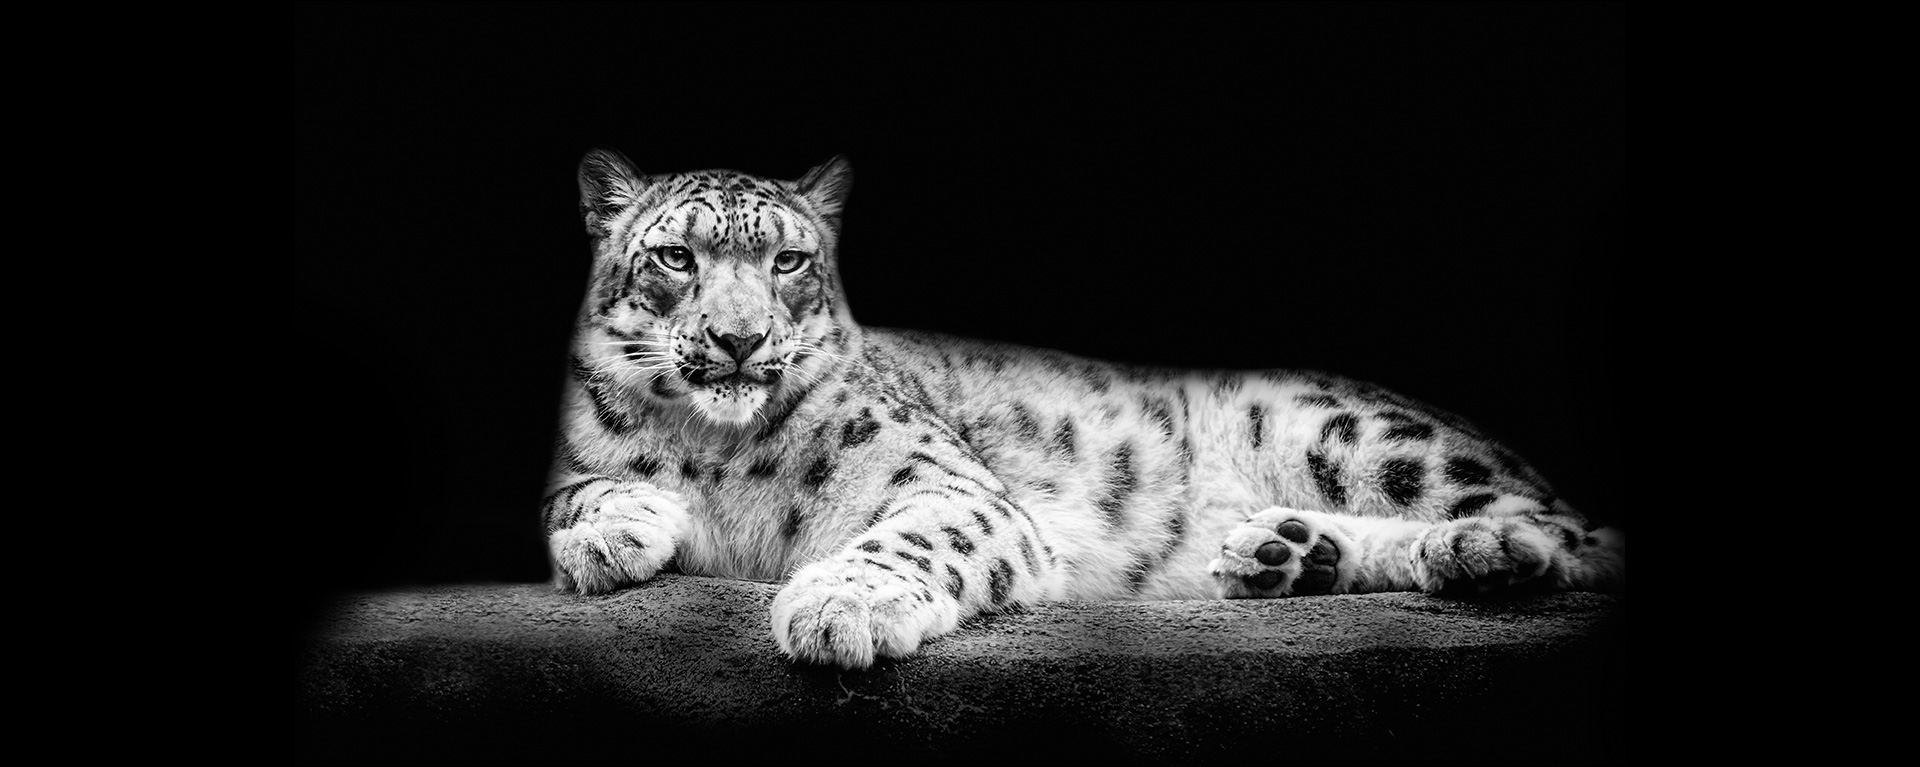 tilteslide_snowleopard